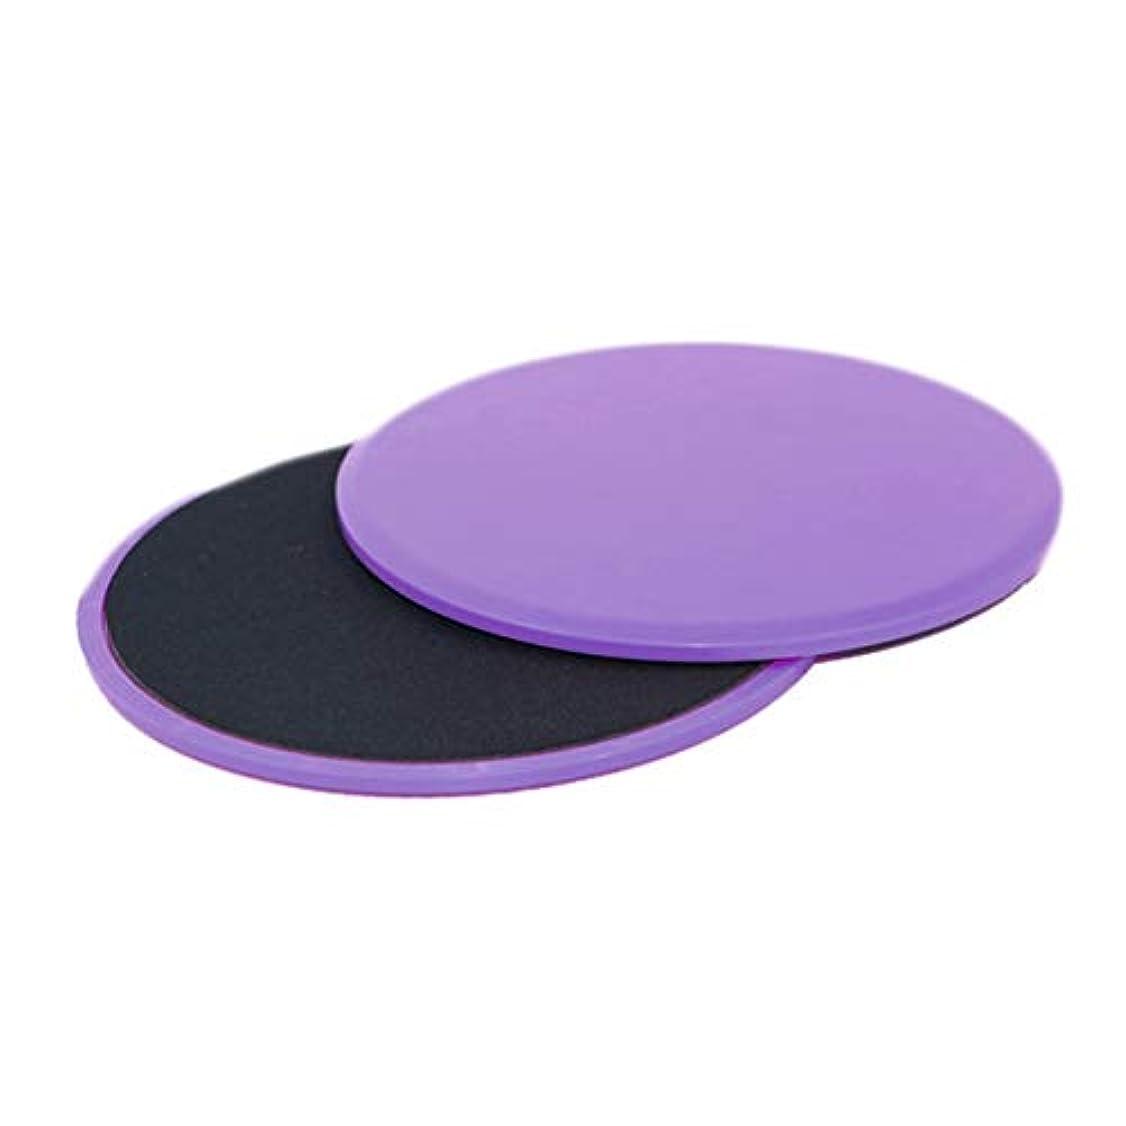 ジョセフバンクスアプローチ硬さフィットネススライドグライディングディスク調整能力フィットネスエクササイズスライダーコアトレーニング腹部と全身トレーニング - パープル